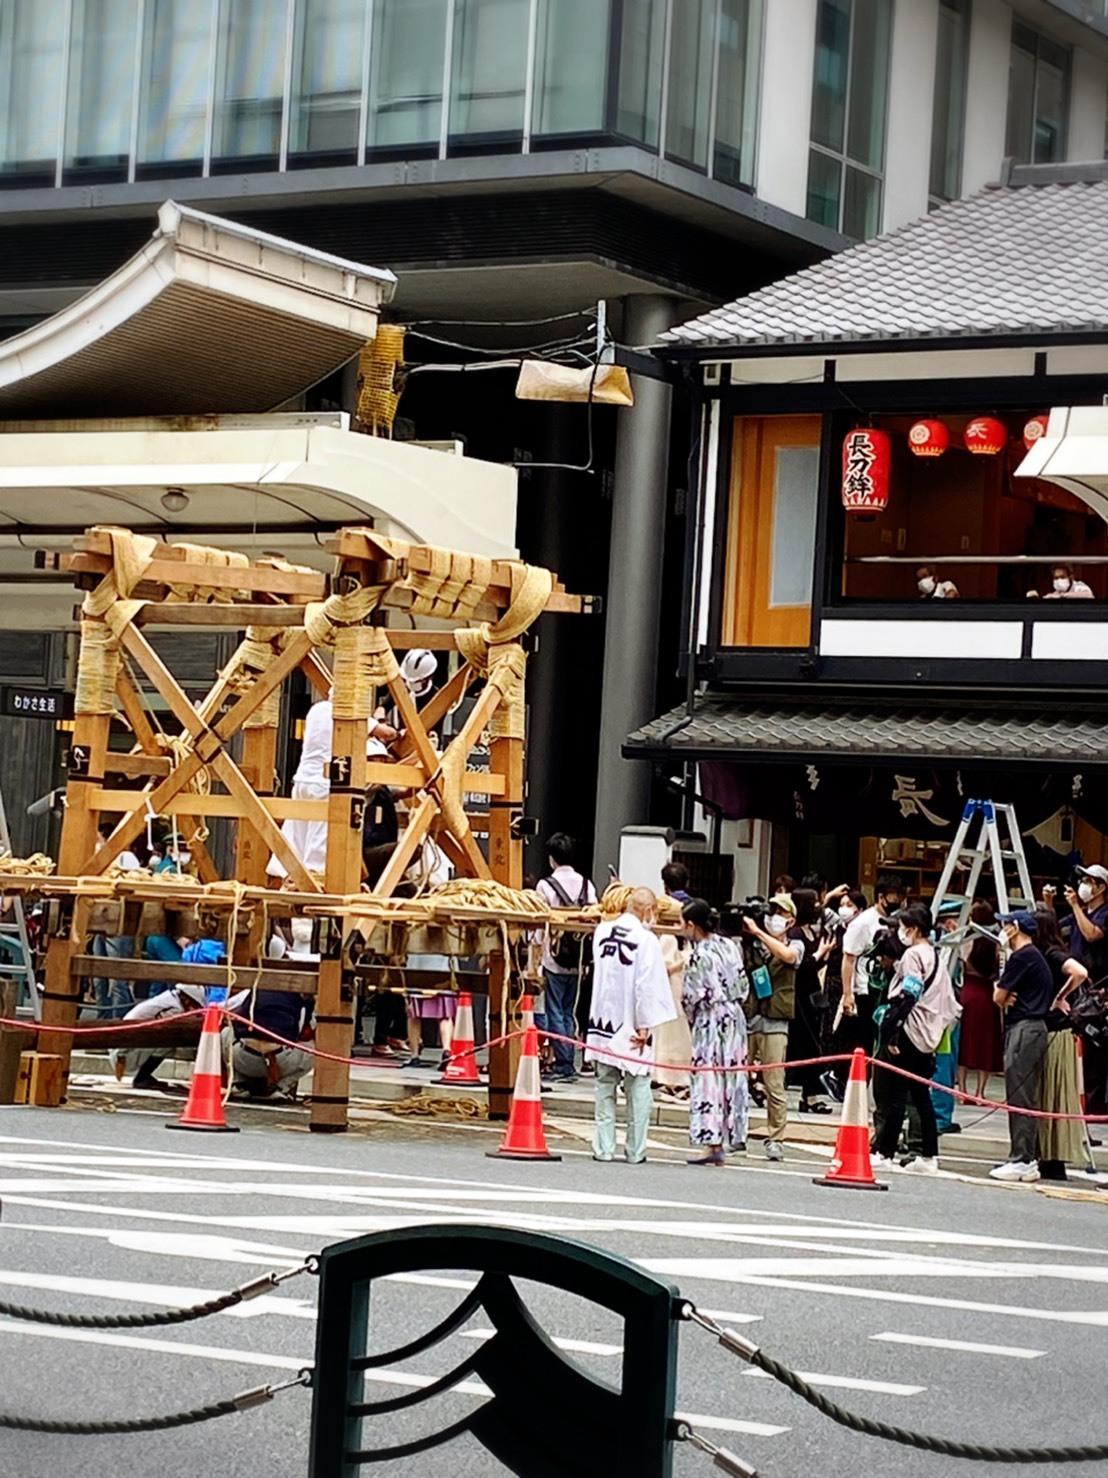 今年も祇園祭は中止ですが、ニコリニコリーは出店しておりますよー❗️_a0129631_10134127.jpg